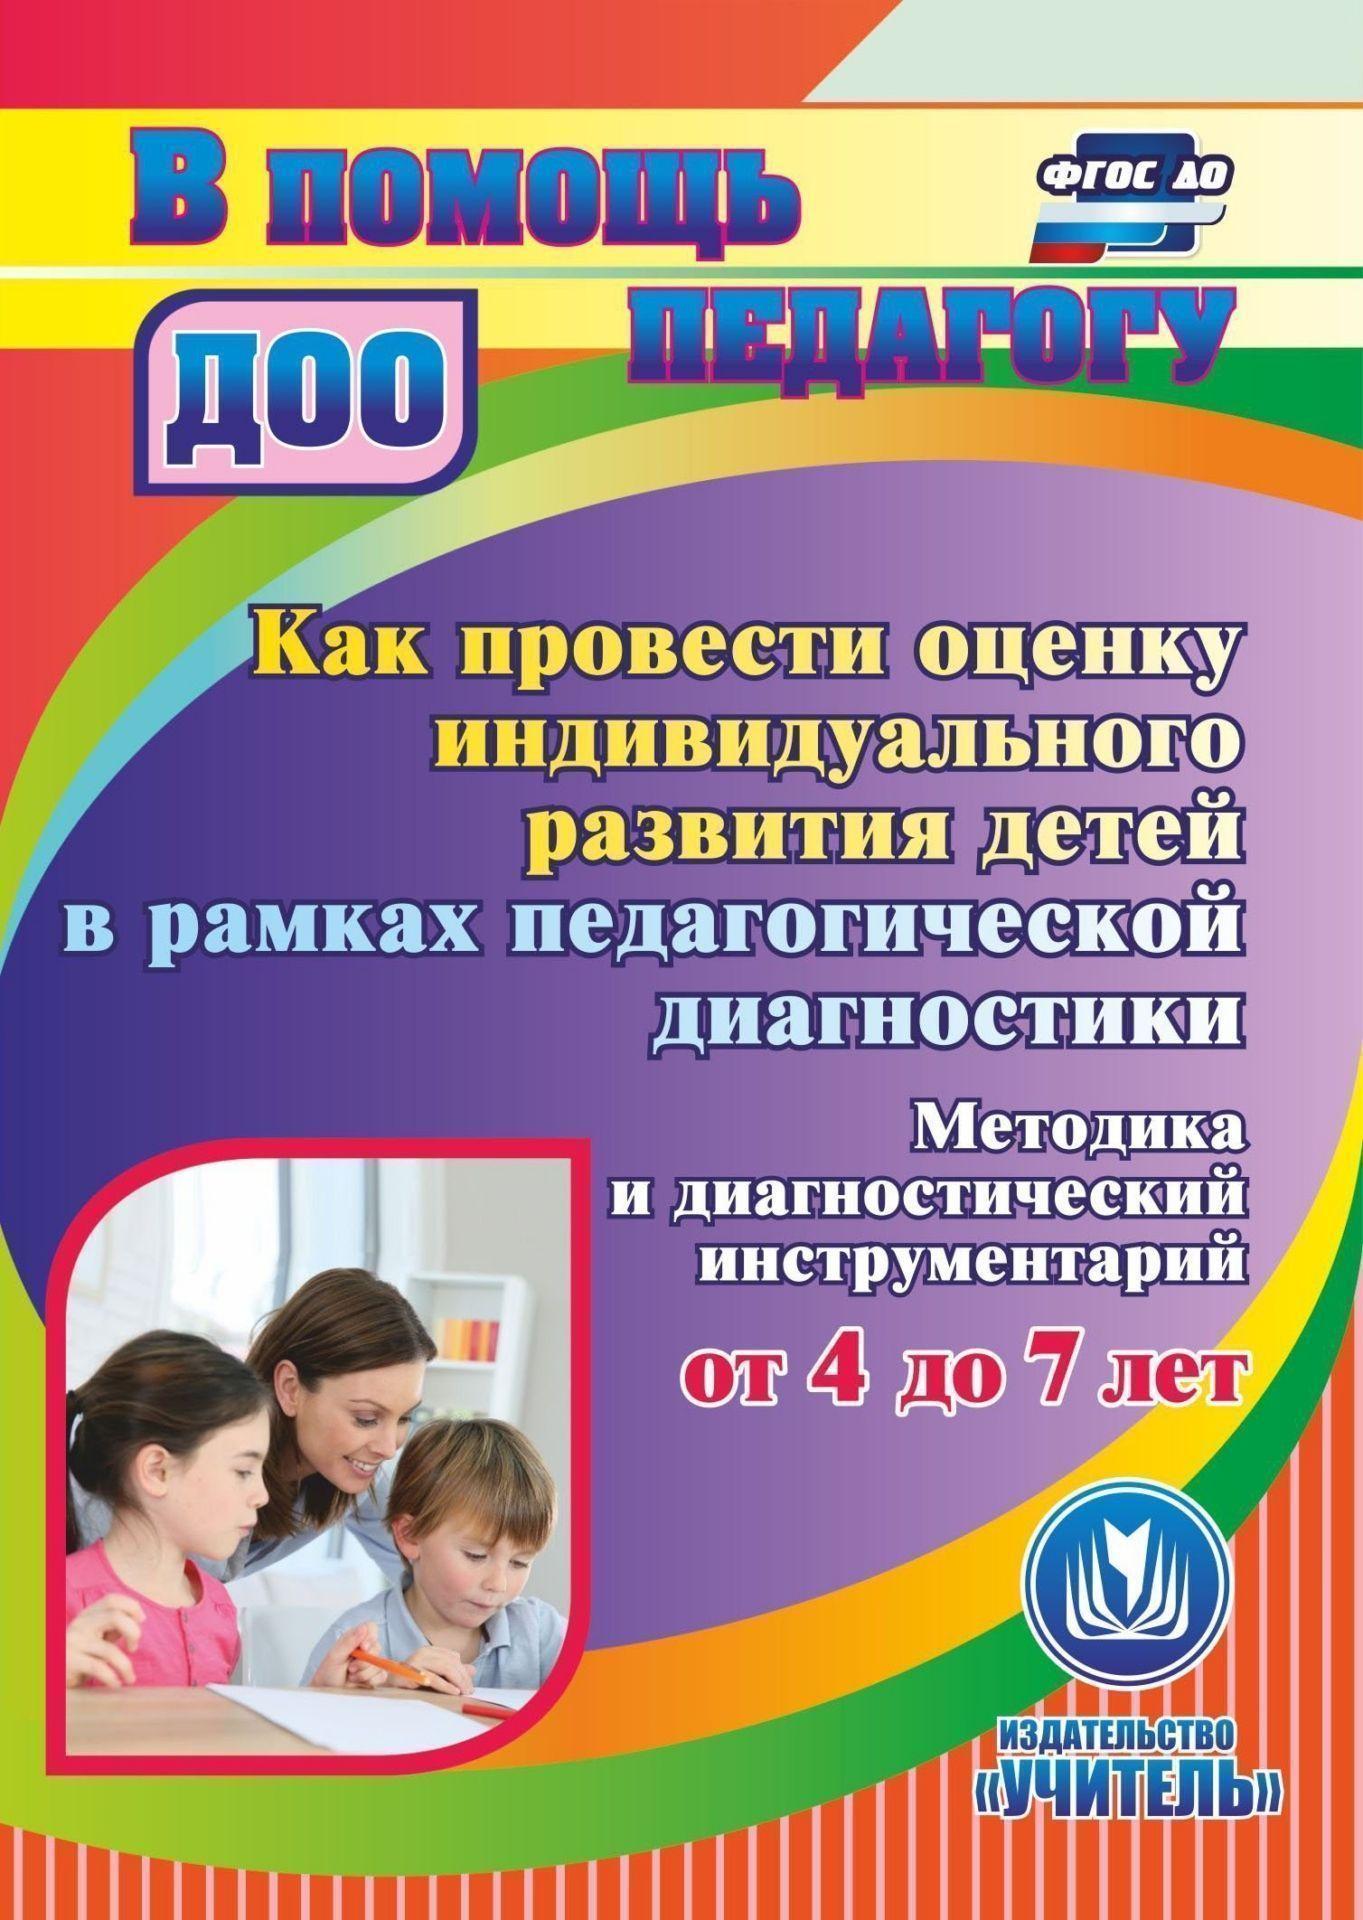 Как провести оценку индивидуального развития детей от 4 до 7 лет в рамках педагогической диагностики. Методика и диагностический инструментарий. Программа для установки через Интернет